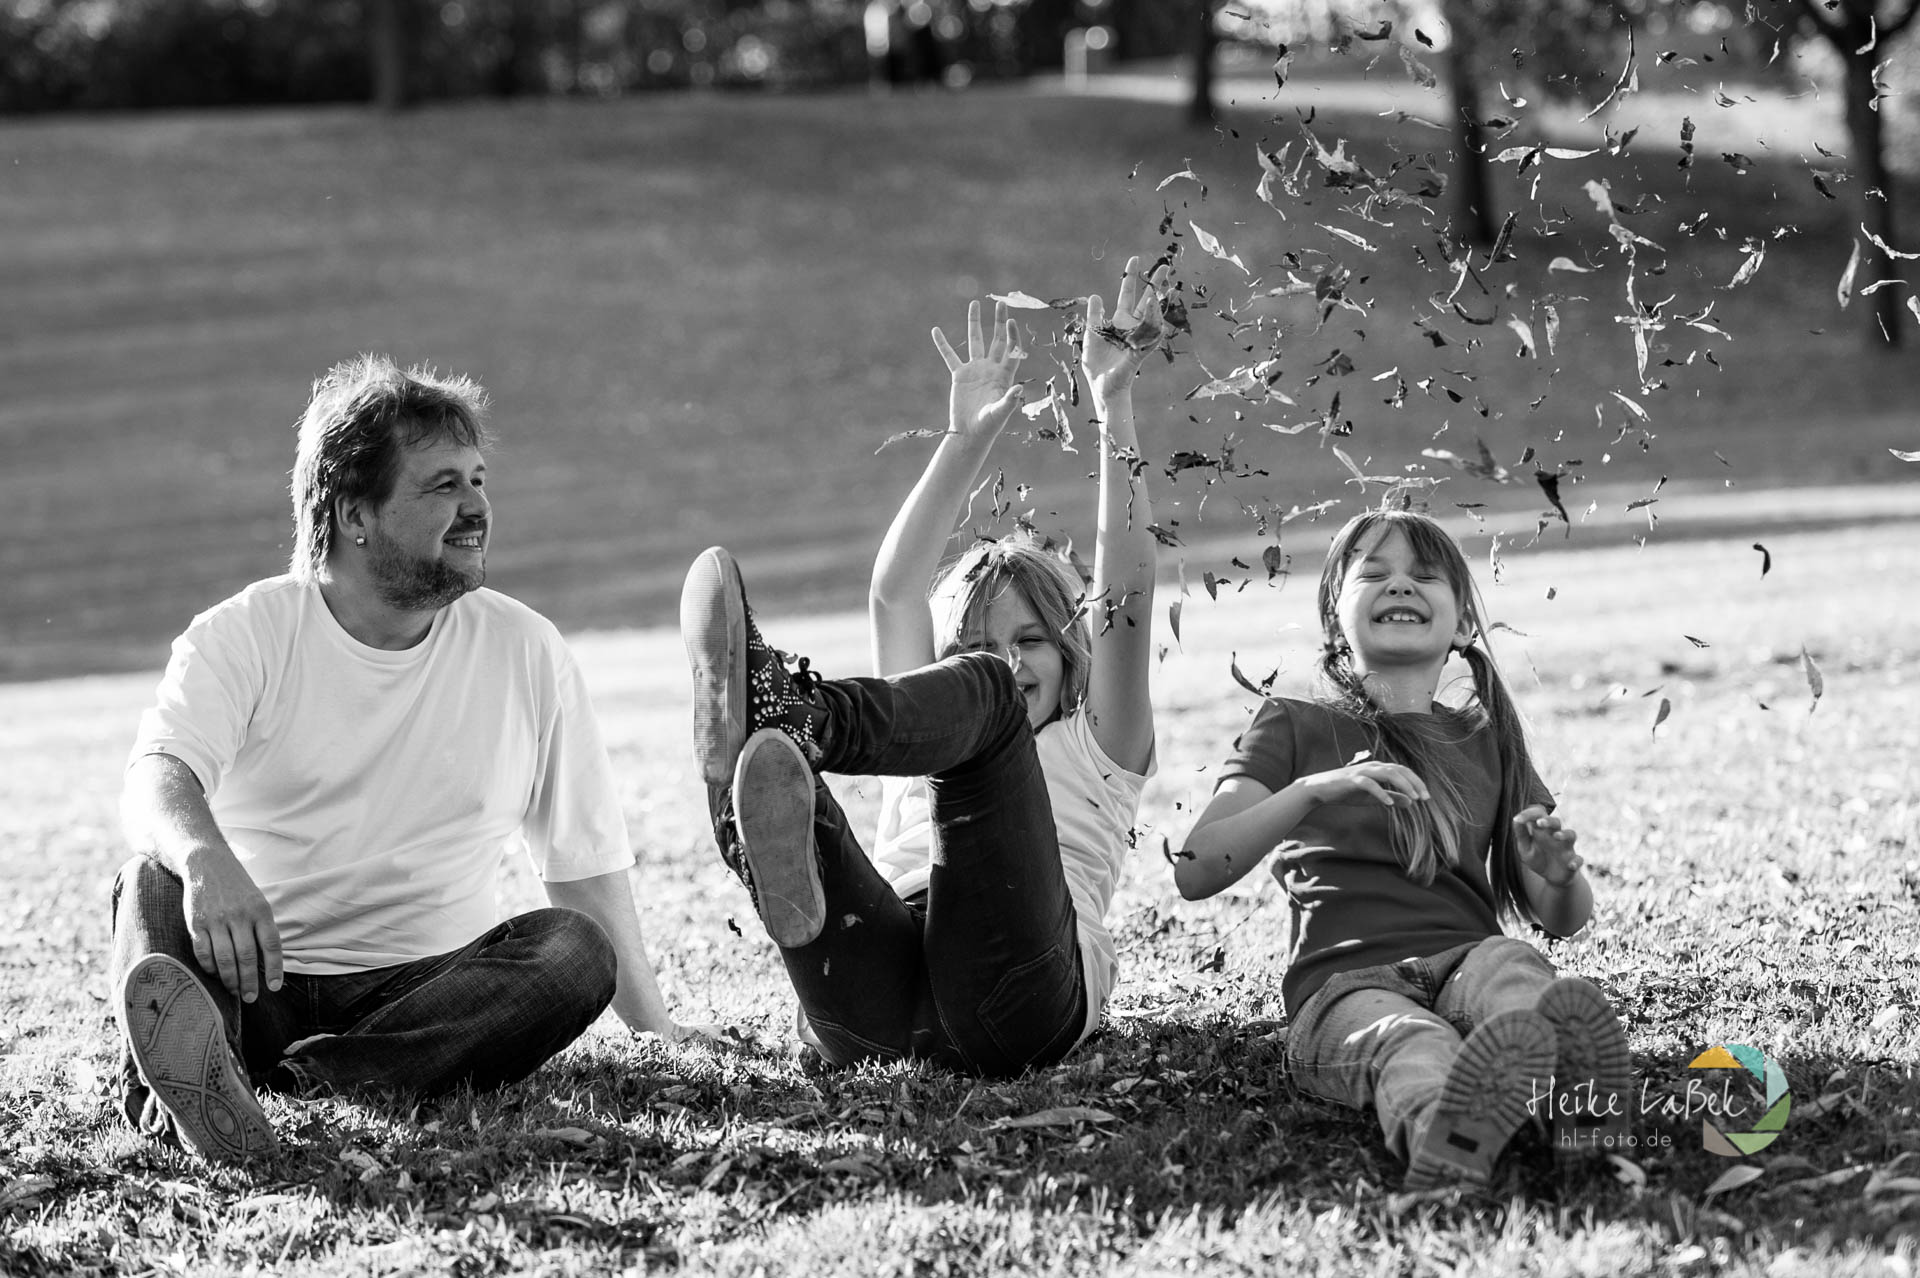 Familienfotografie mit Spaß